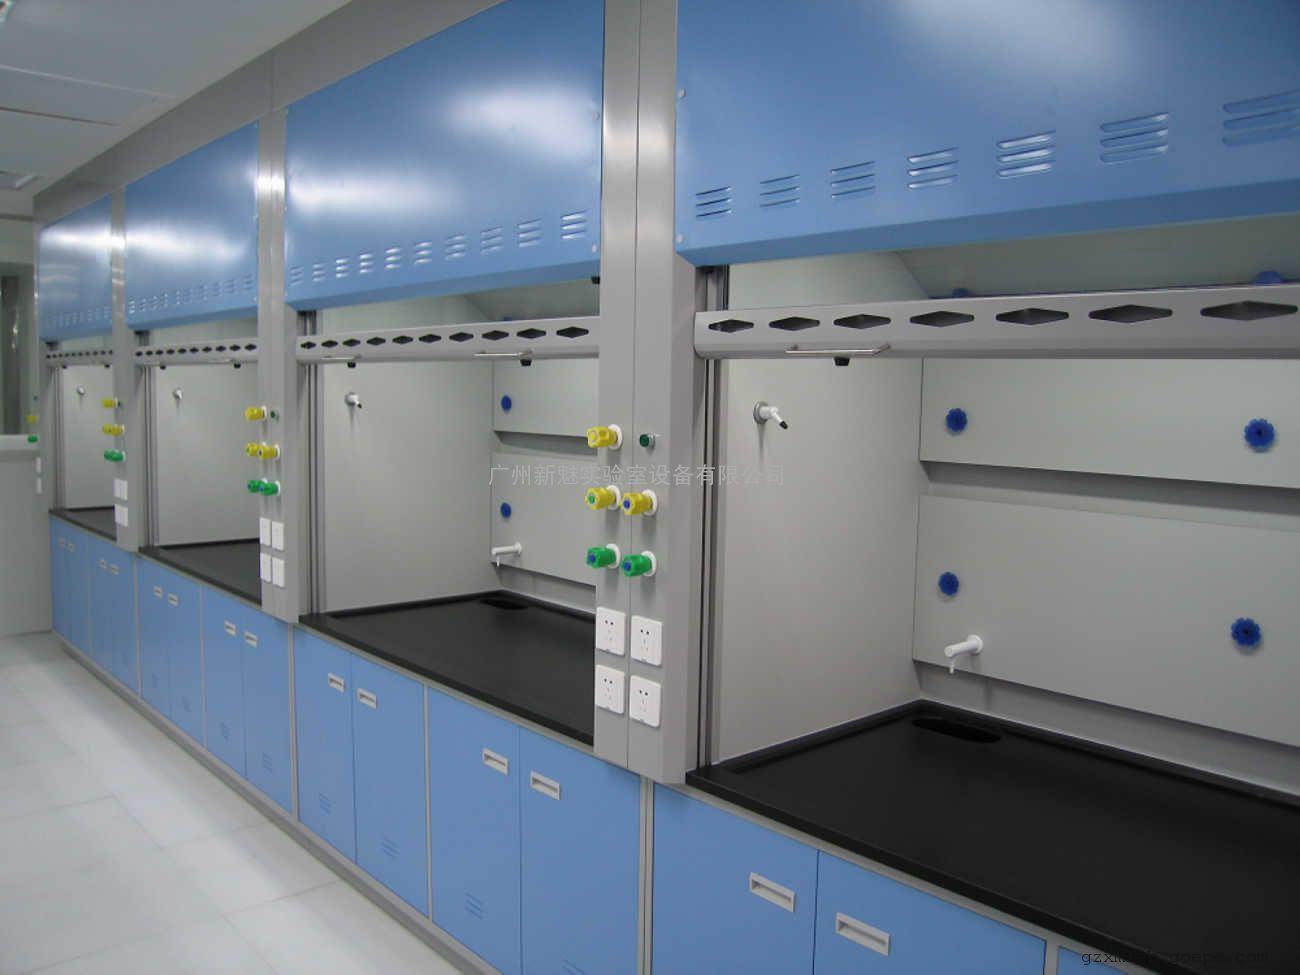 实验台柜可做为钢木结构,全钢结构,落地式,悬吊式